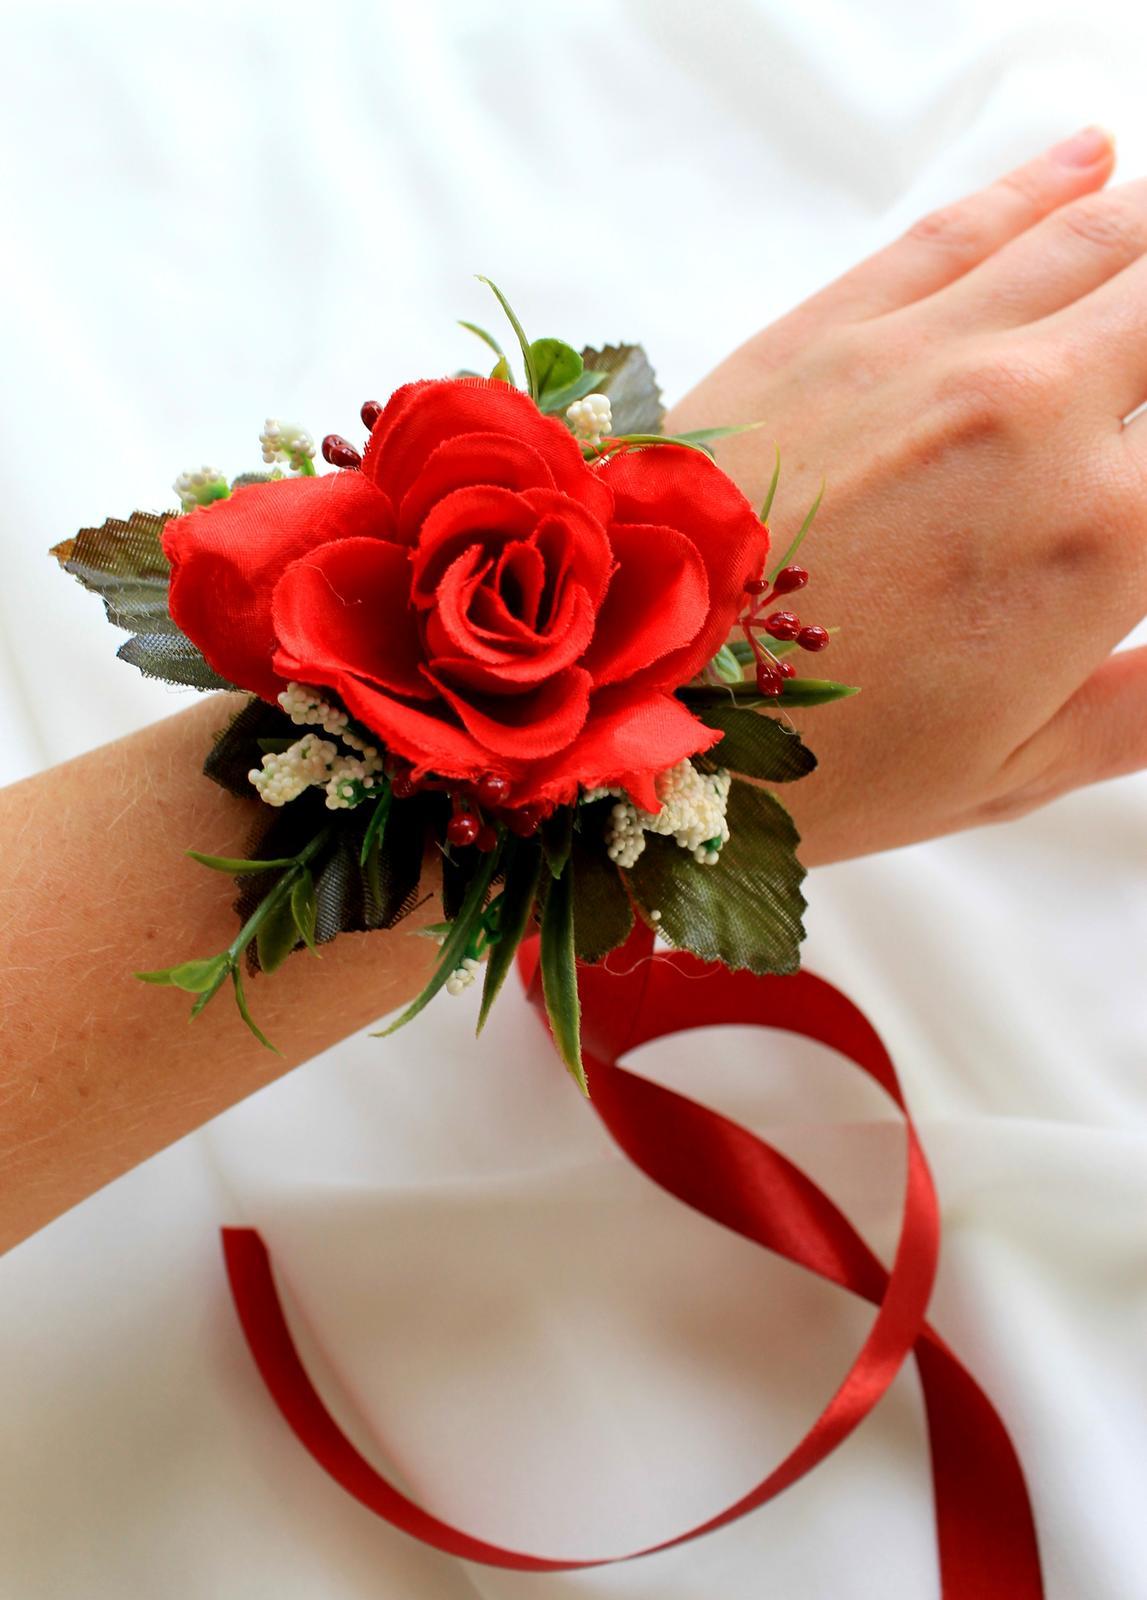 Kvetinový náramok pre hlavnú družičku - ruža - Obrázok č. 1